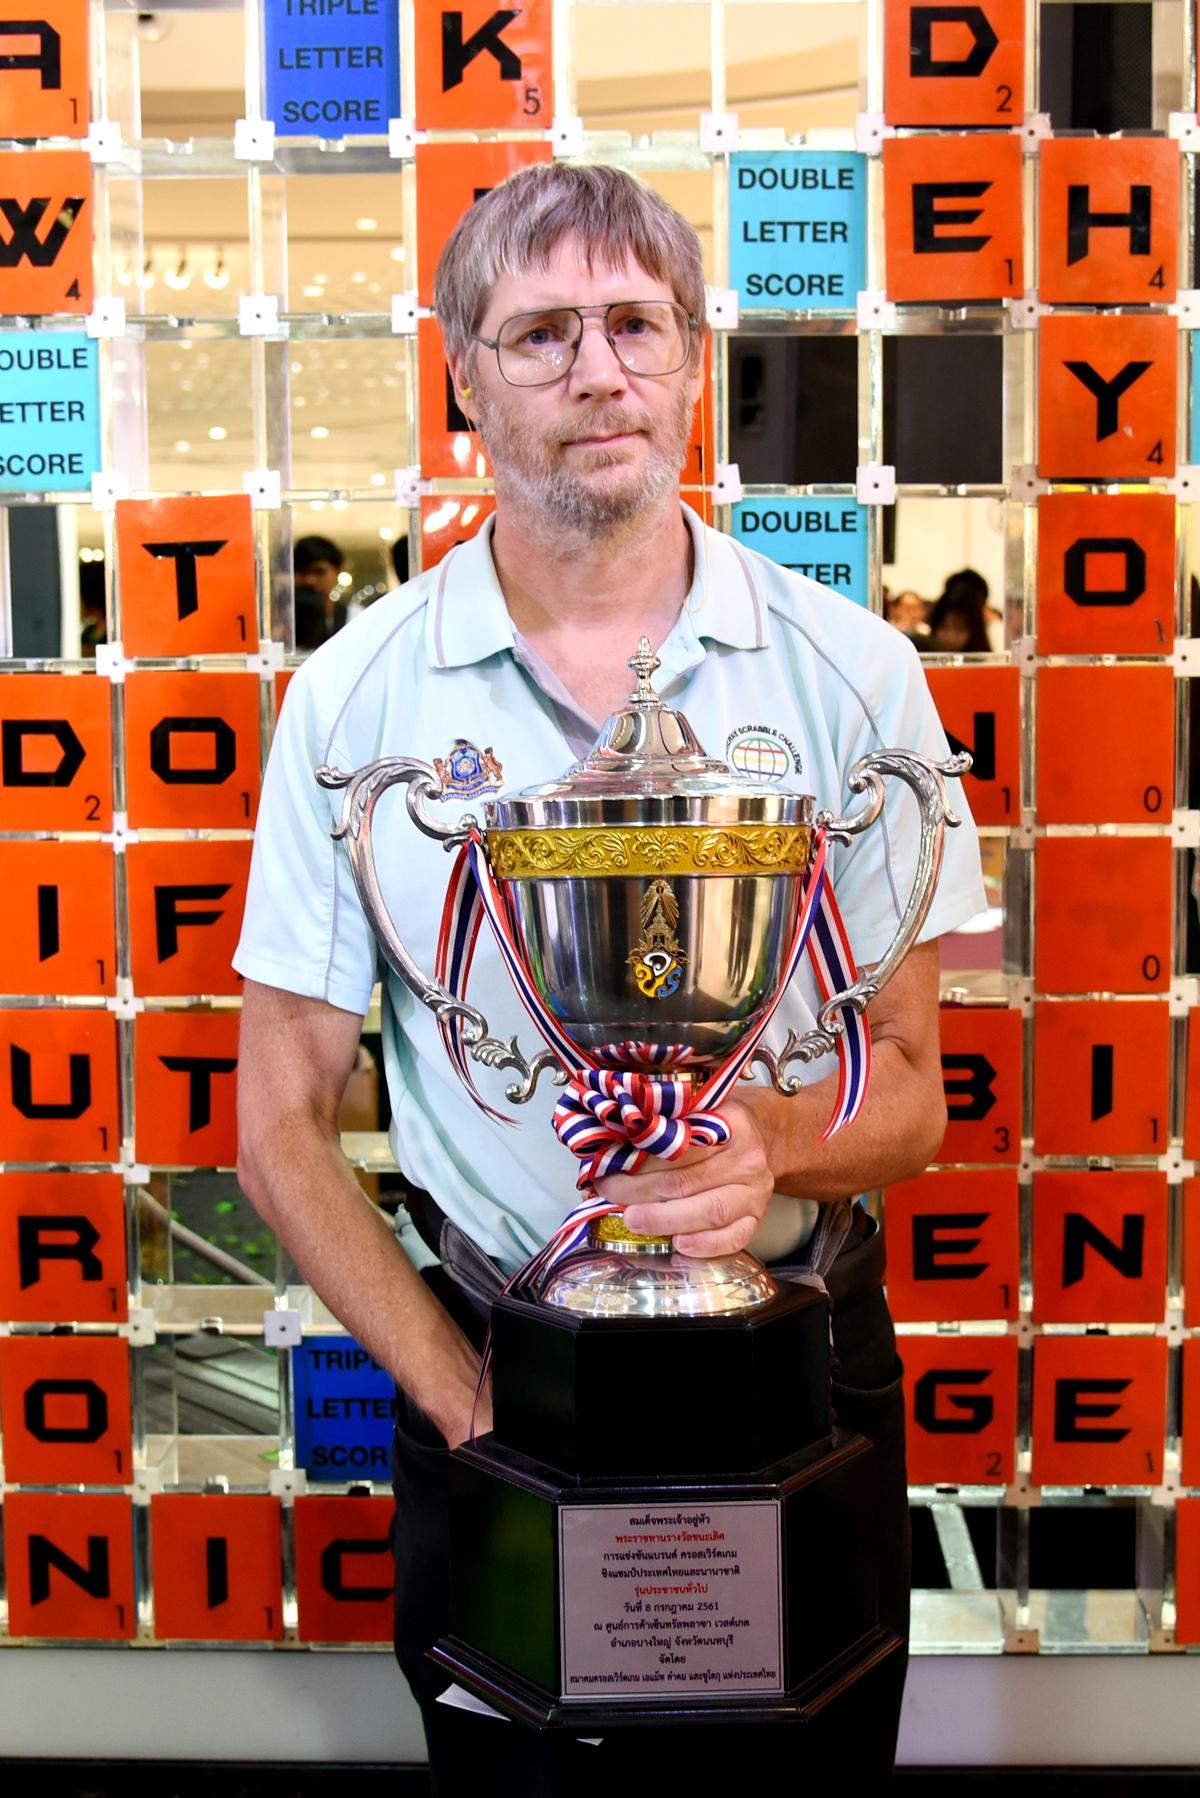 ไนเจล ริชาร์ดส แชมป์โลกครอสเวิร์ดคนปัจจุบัน